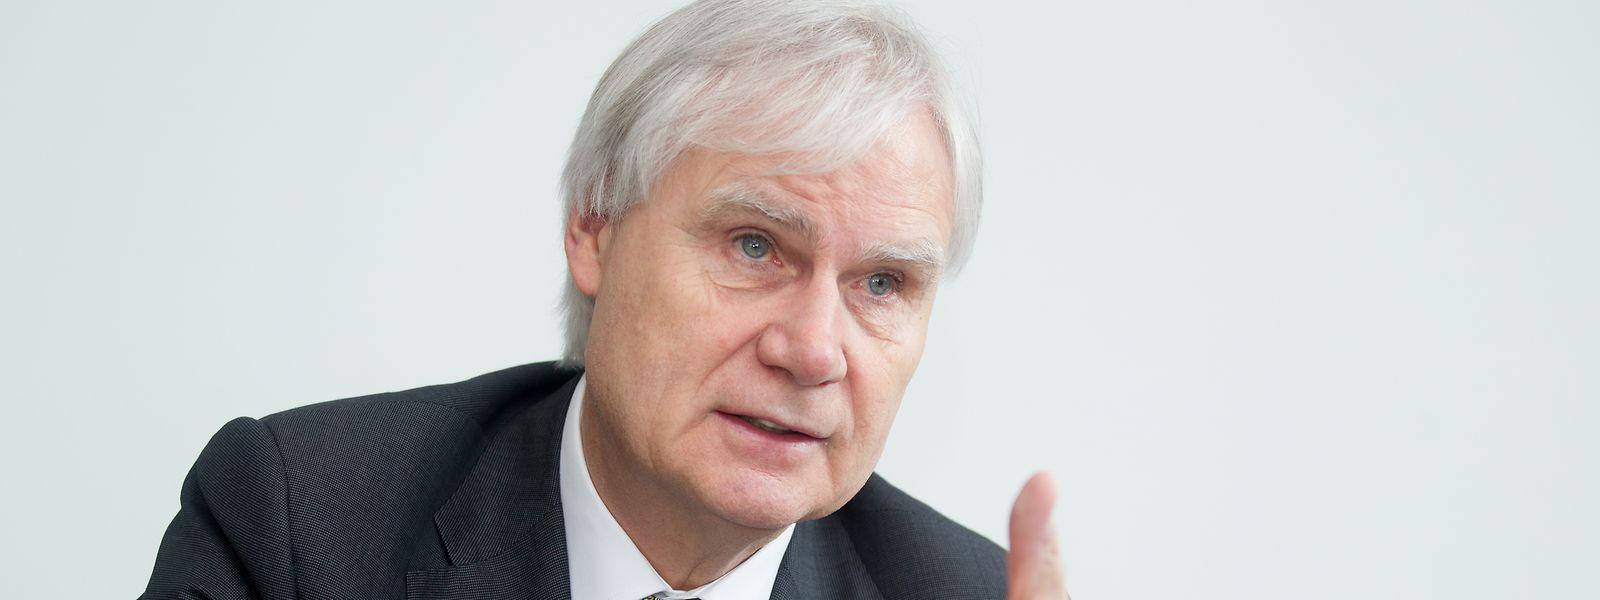 O presidente do Conselho Nacional de Finanças Públicas, Romain Bausch, avaliou as previsões feitas pelo Governo para os próximos anos e fez uma lista de ctríticas.